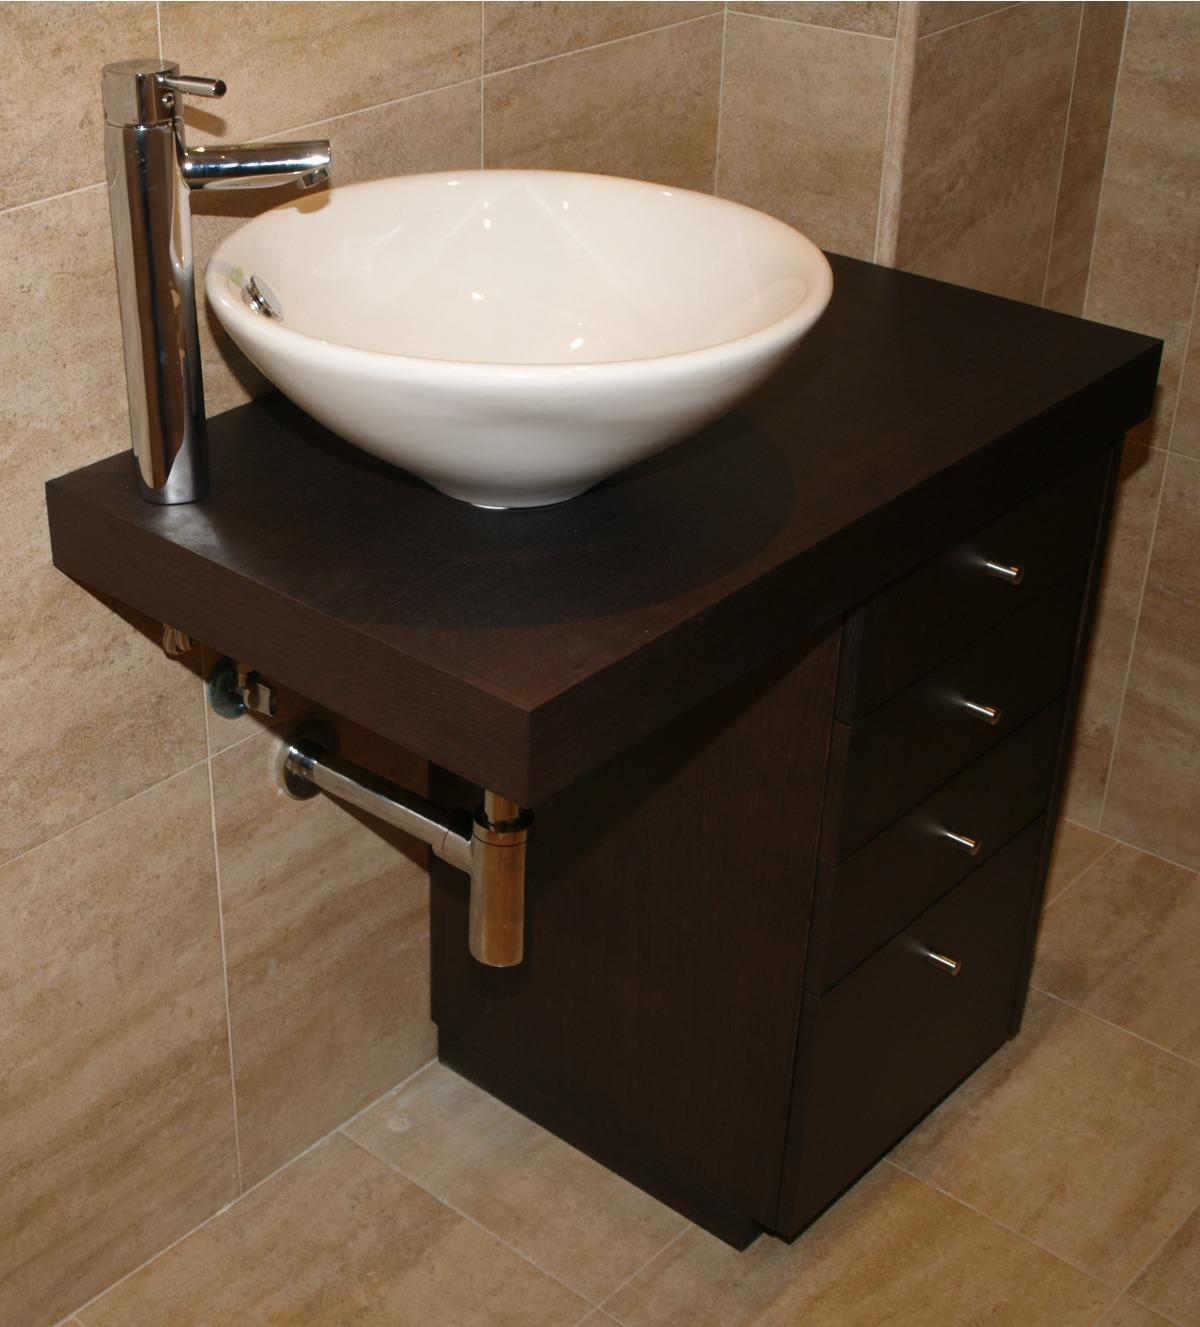 Muebles Para Baño Wengue:Muebles de baño en wengue a medida